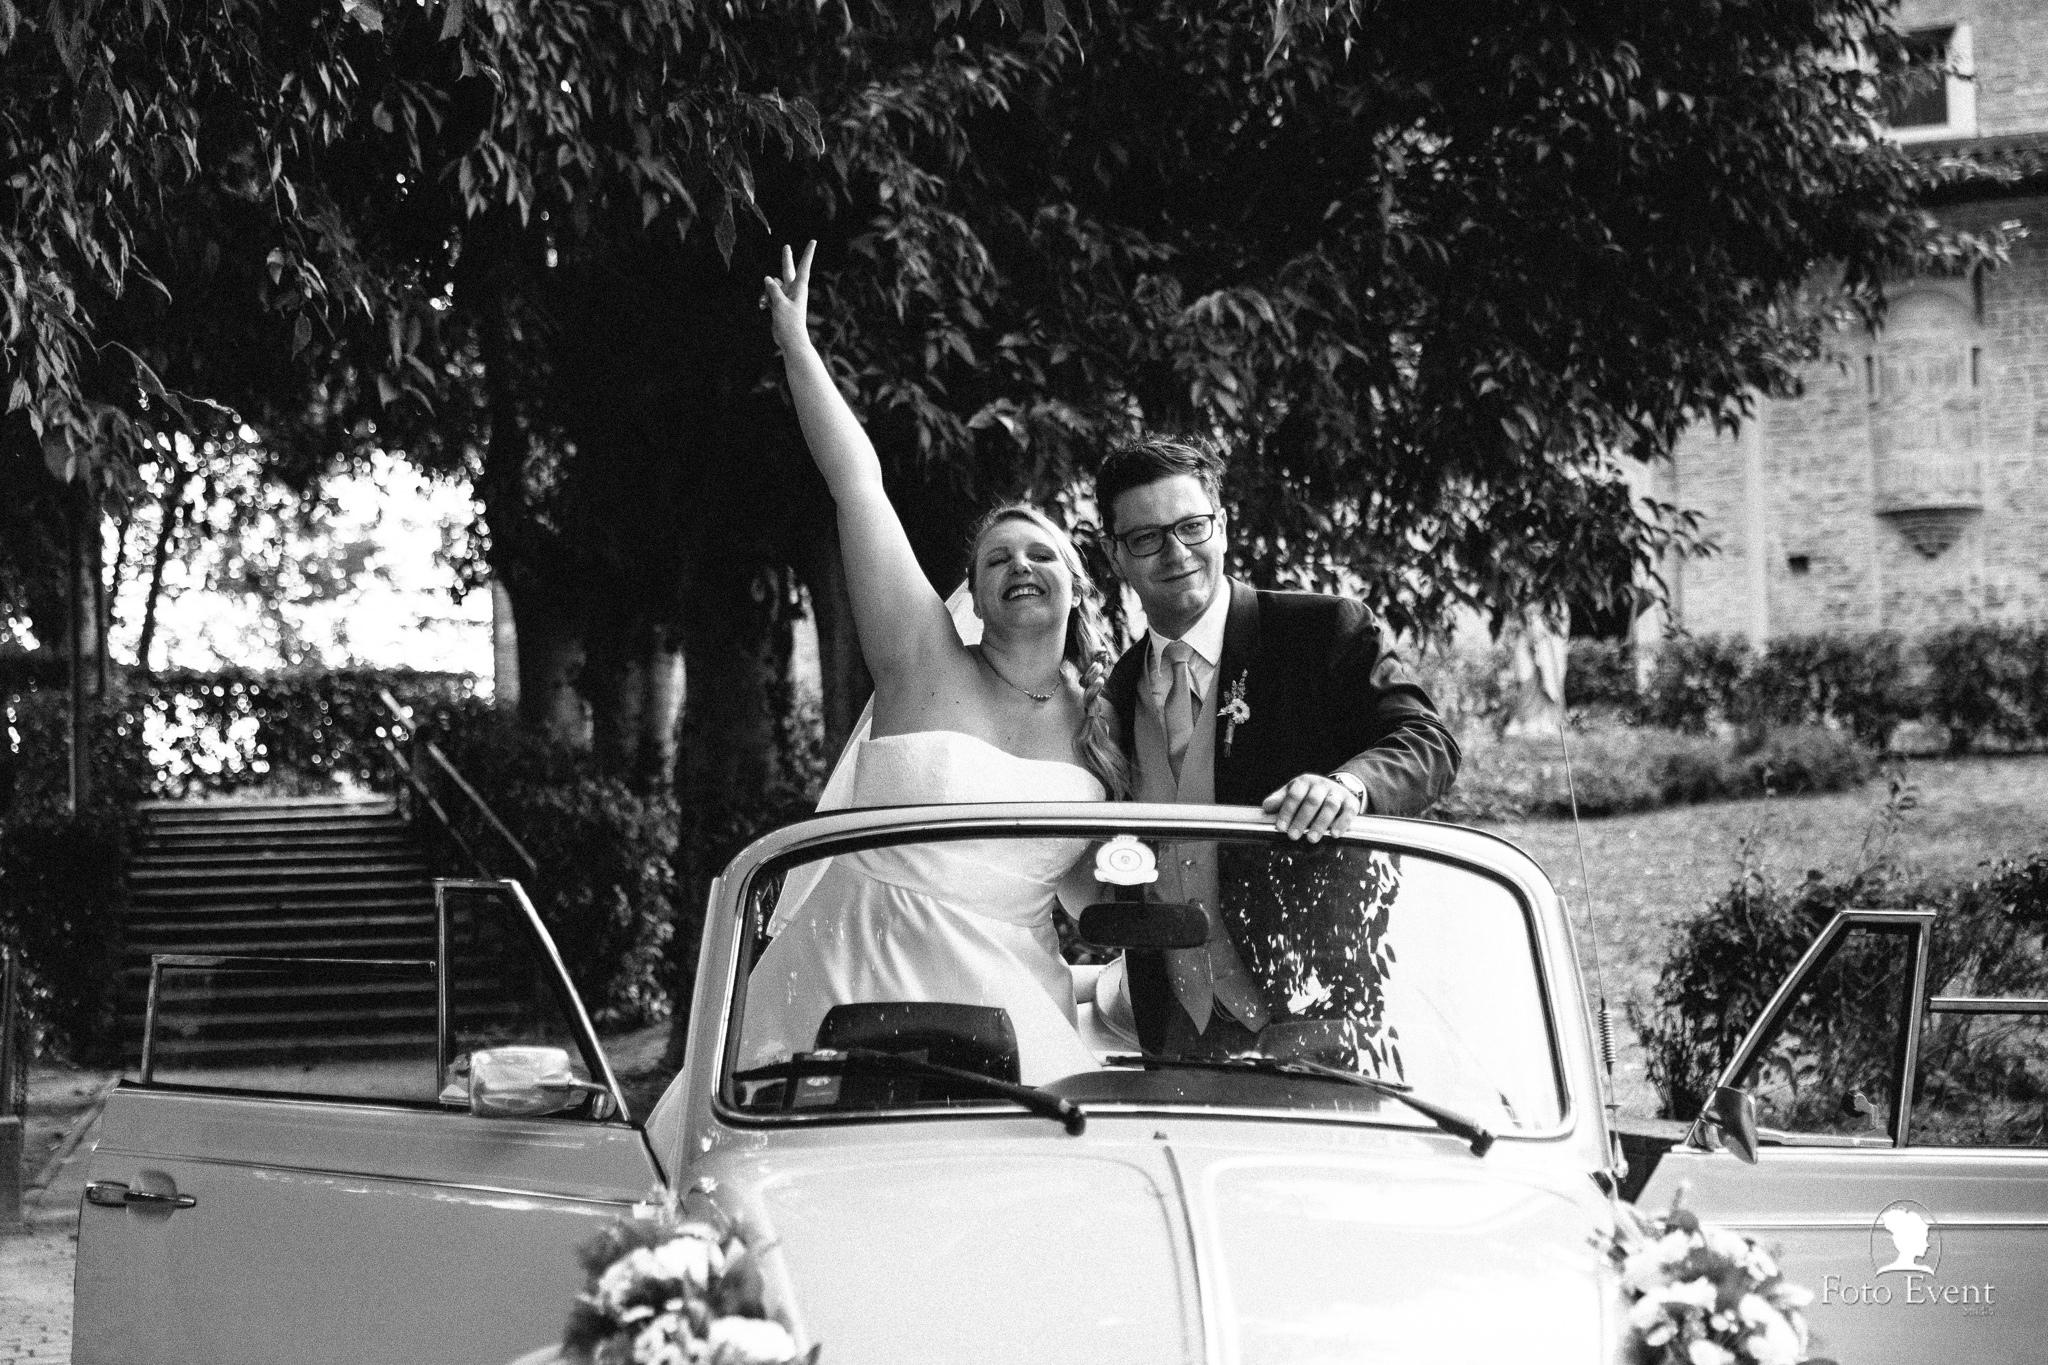 055-2019-07-27-Matrimonio-Valentina-e-Alessandro-Pettinari-5DE-1137